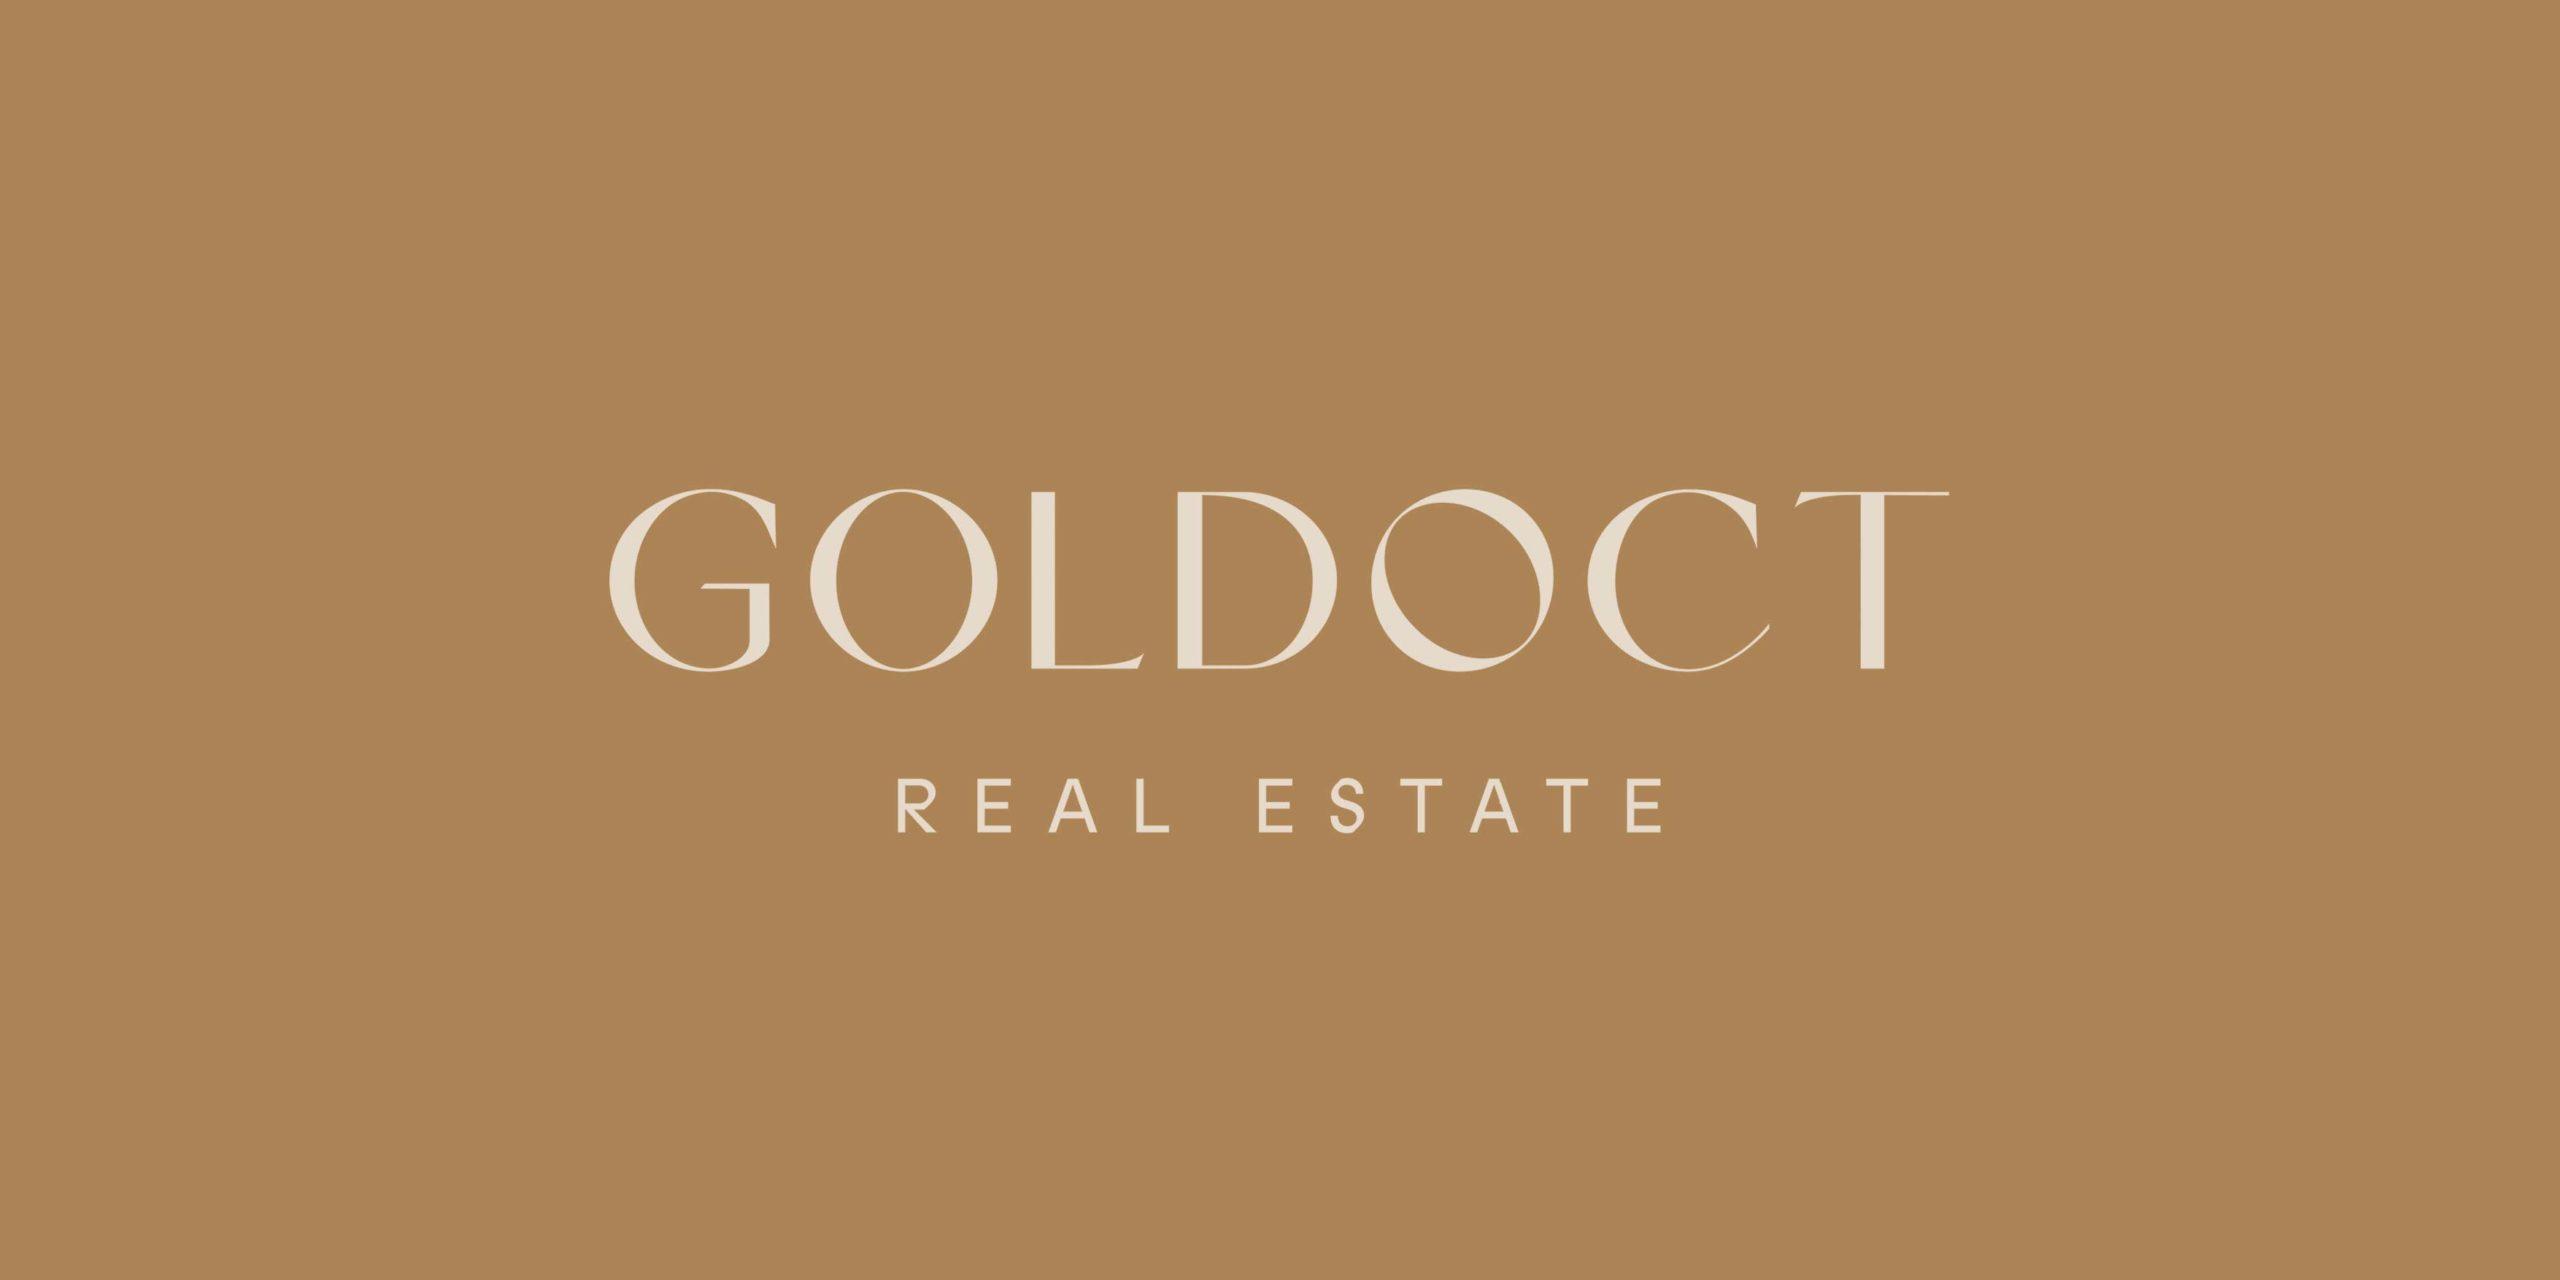 Goldoct-Wortmarke